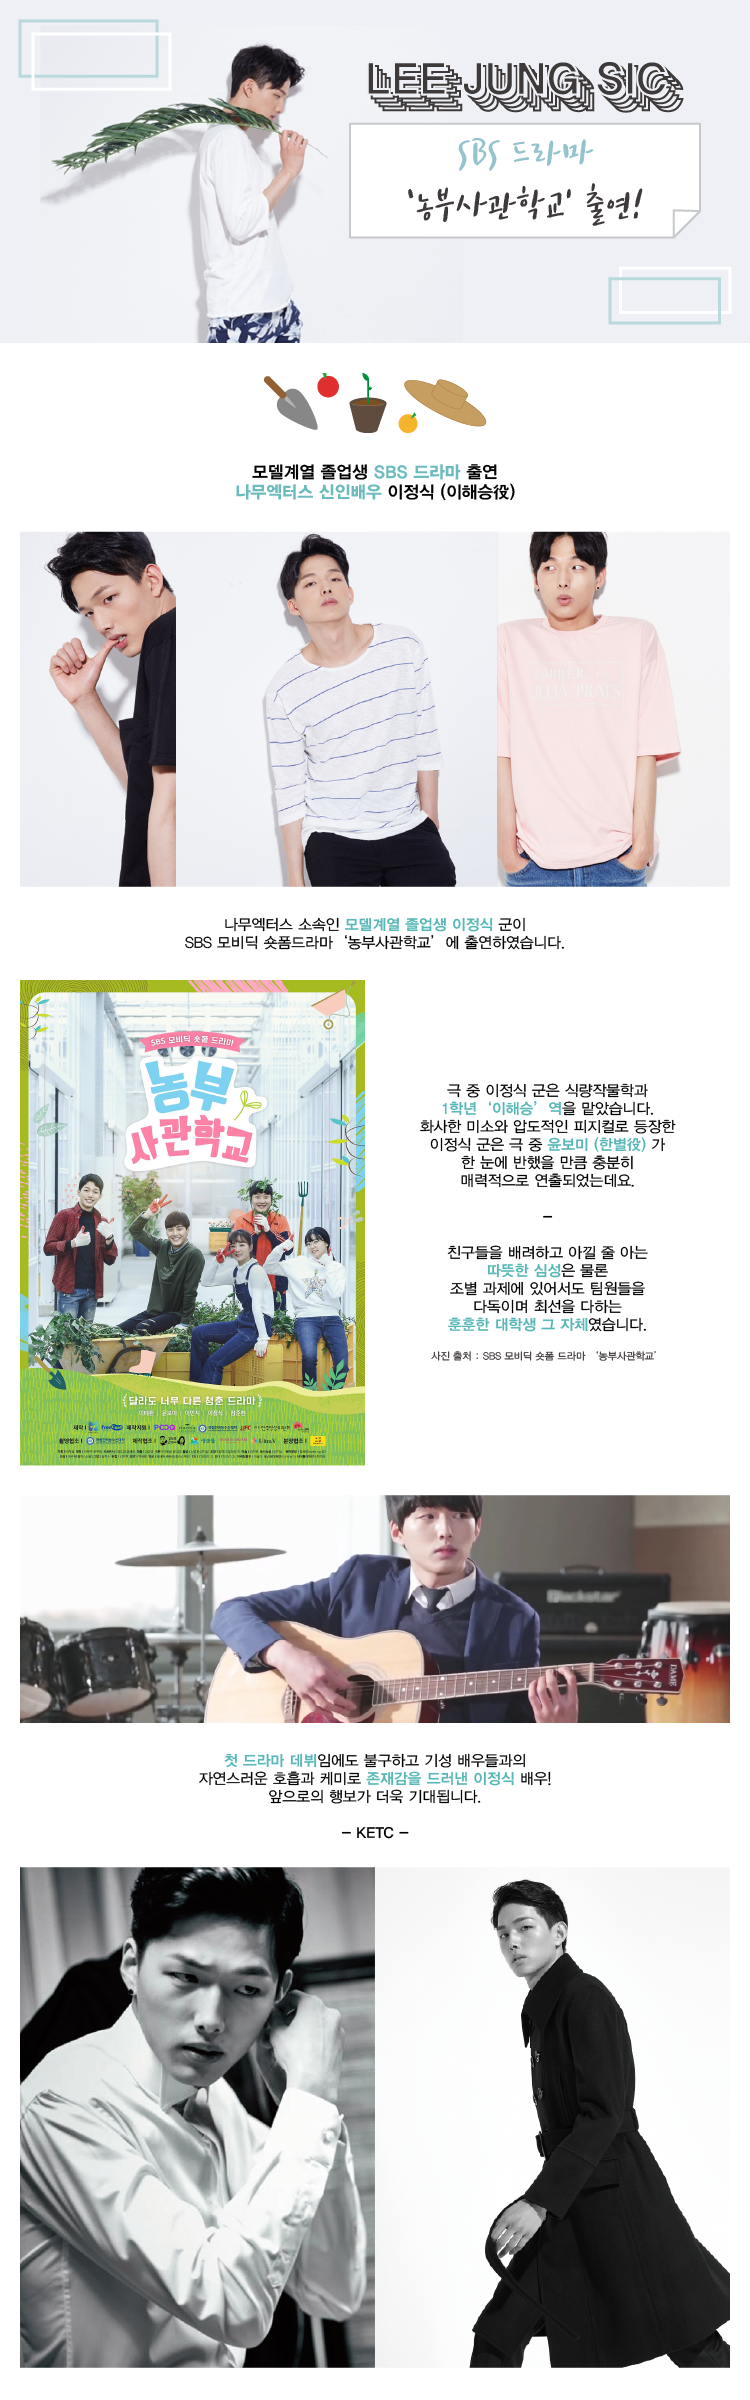 나무엑터스 배우 이정식 (모델계열 졸업생) SBS 드라마 출연